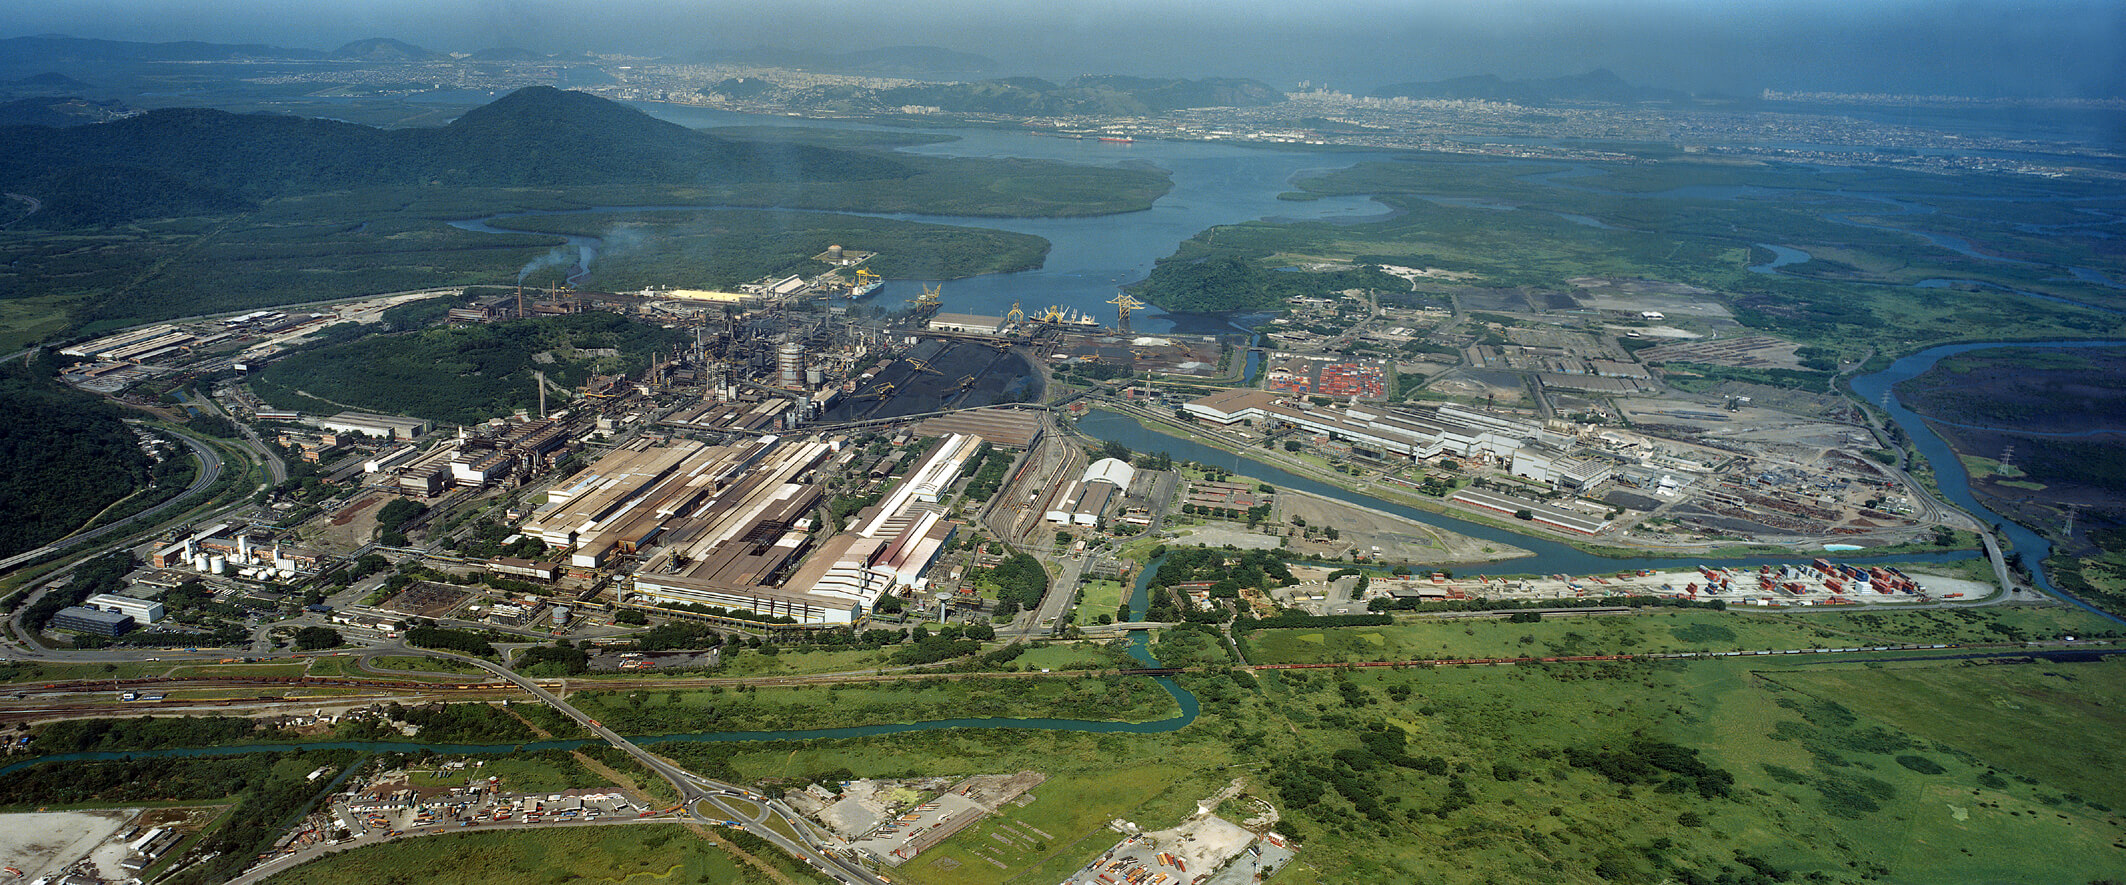 Parque siderúrgico